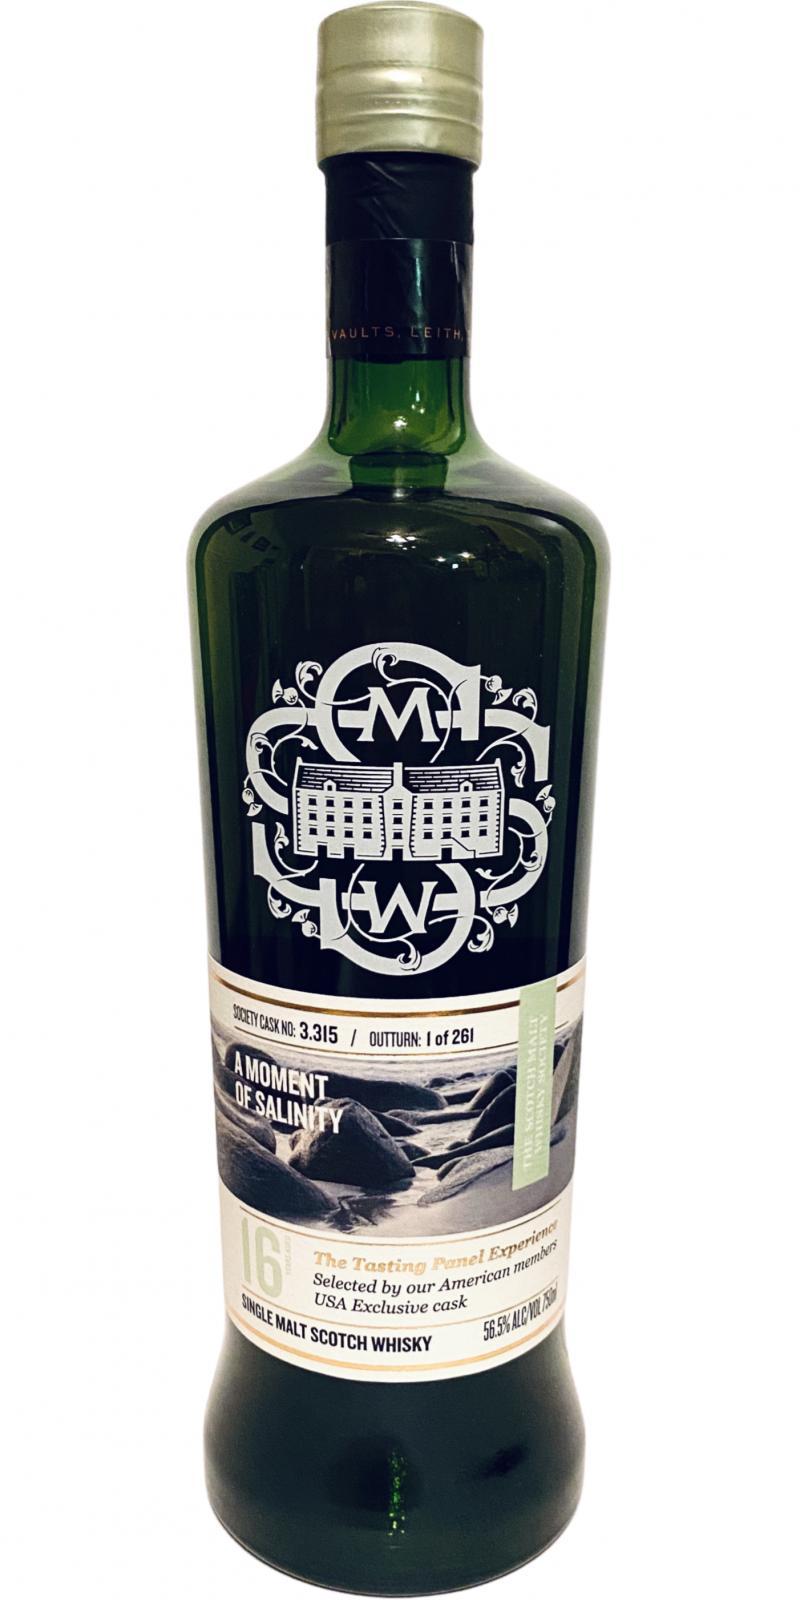 Bowmore 2004 SMWS 3.315